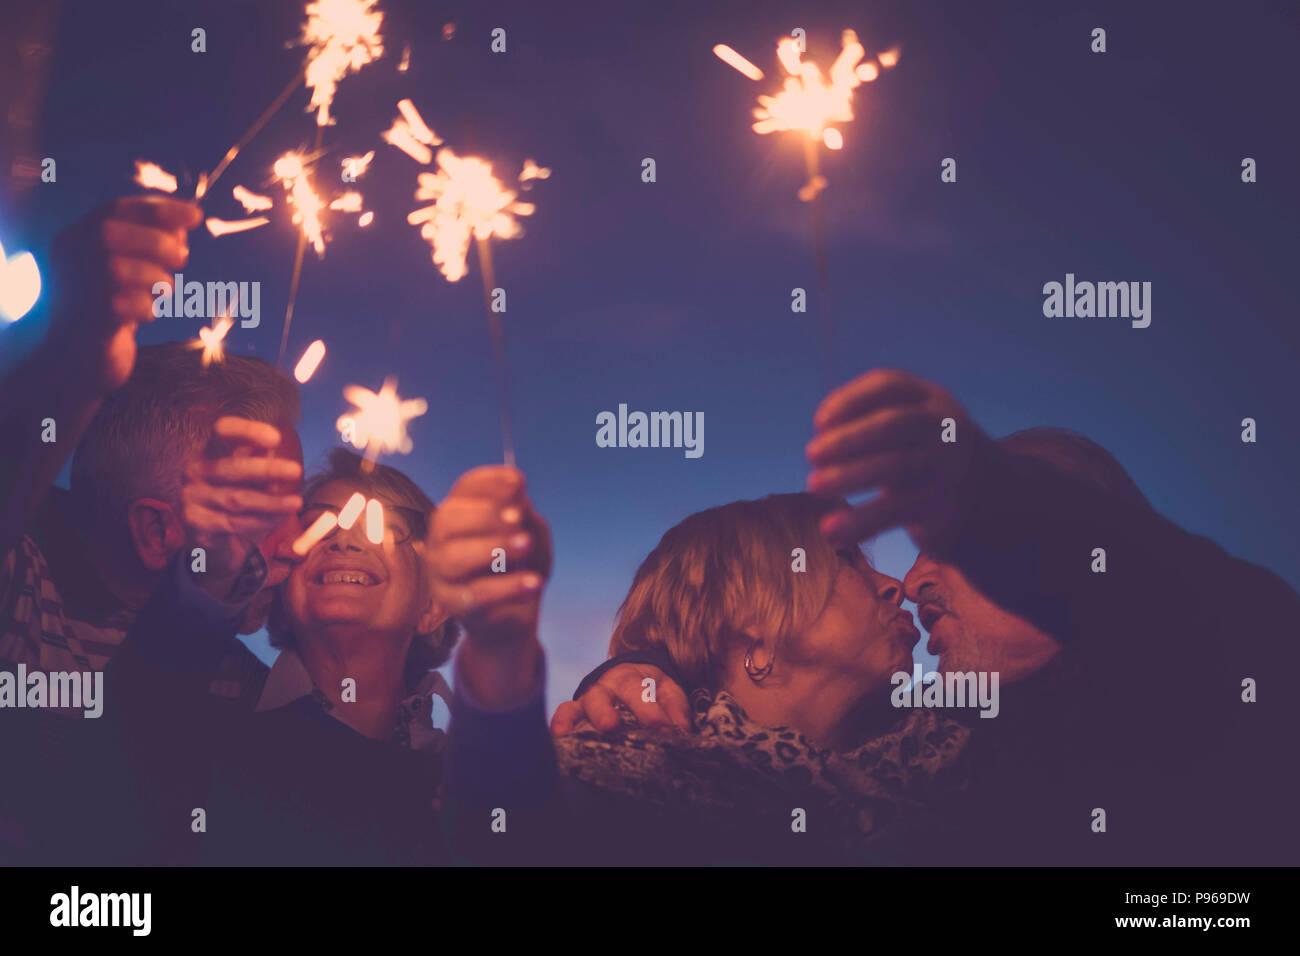 Fiesta de celebración de noche o para las vacaciones de Año Nuevo de 2019. Un grupo de hombres y mujeres ancianos personas con fuego chispas. Todos los besos y tener un montón de f Foto de stock